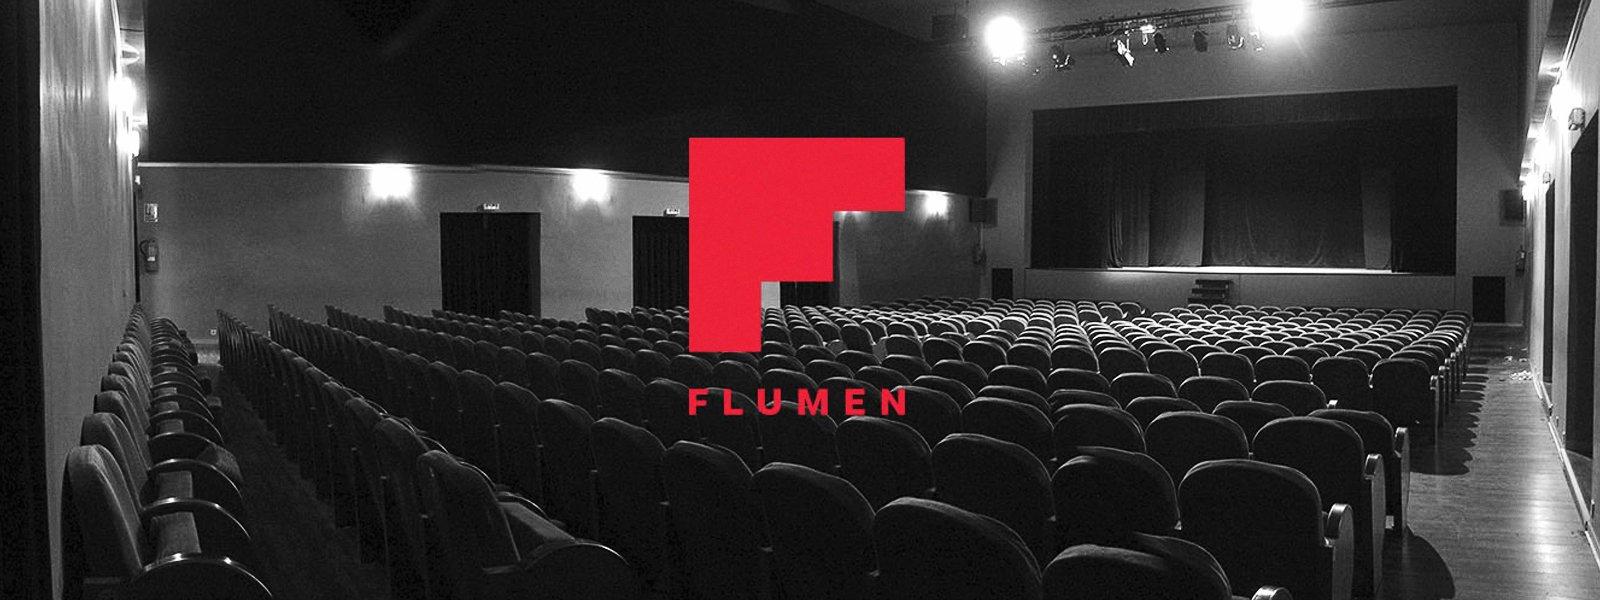 Flumen, localització per a la representació d'espectacles